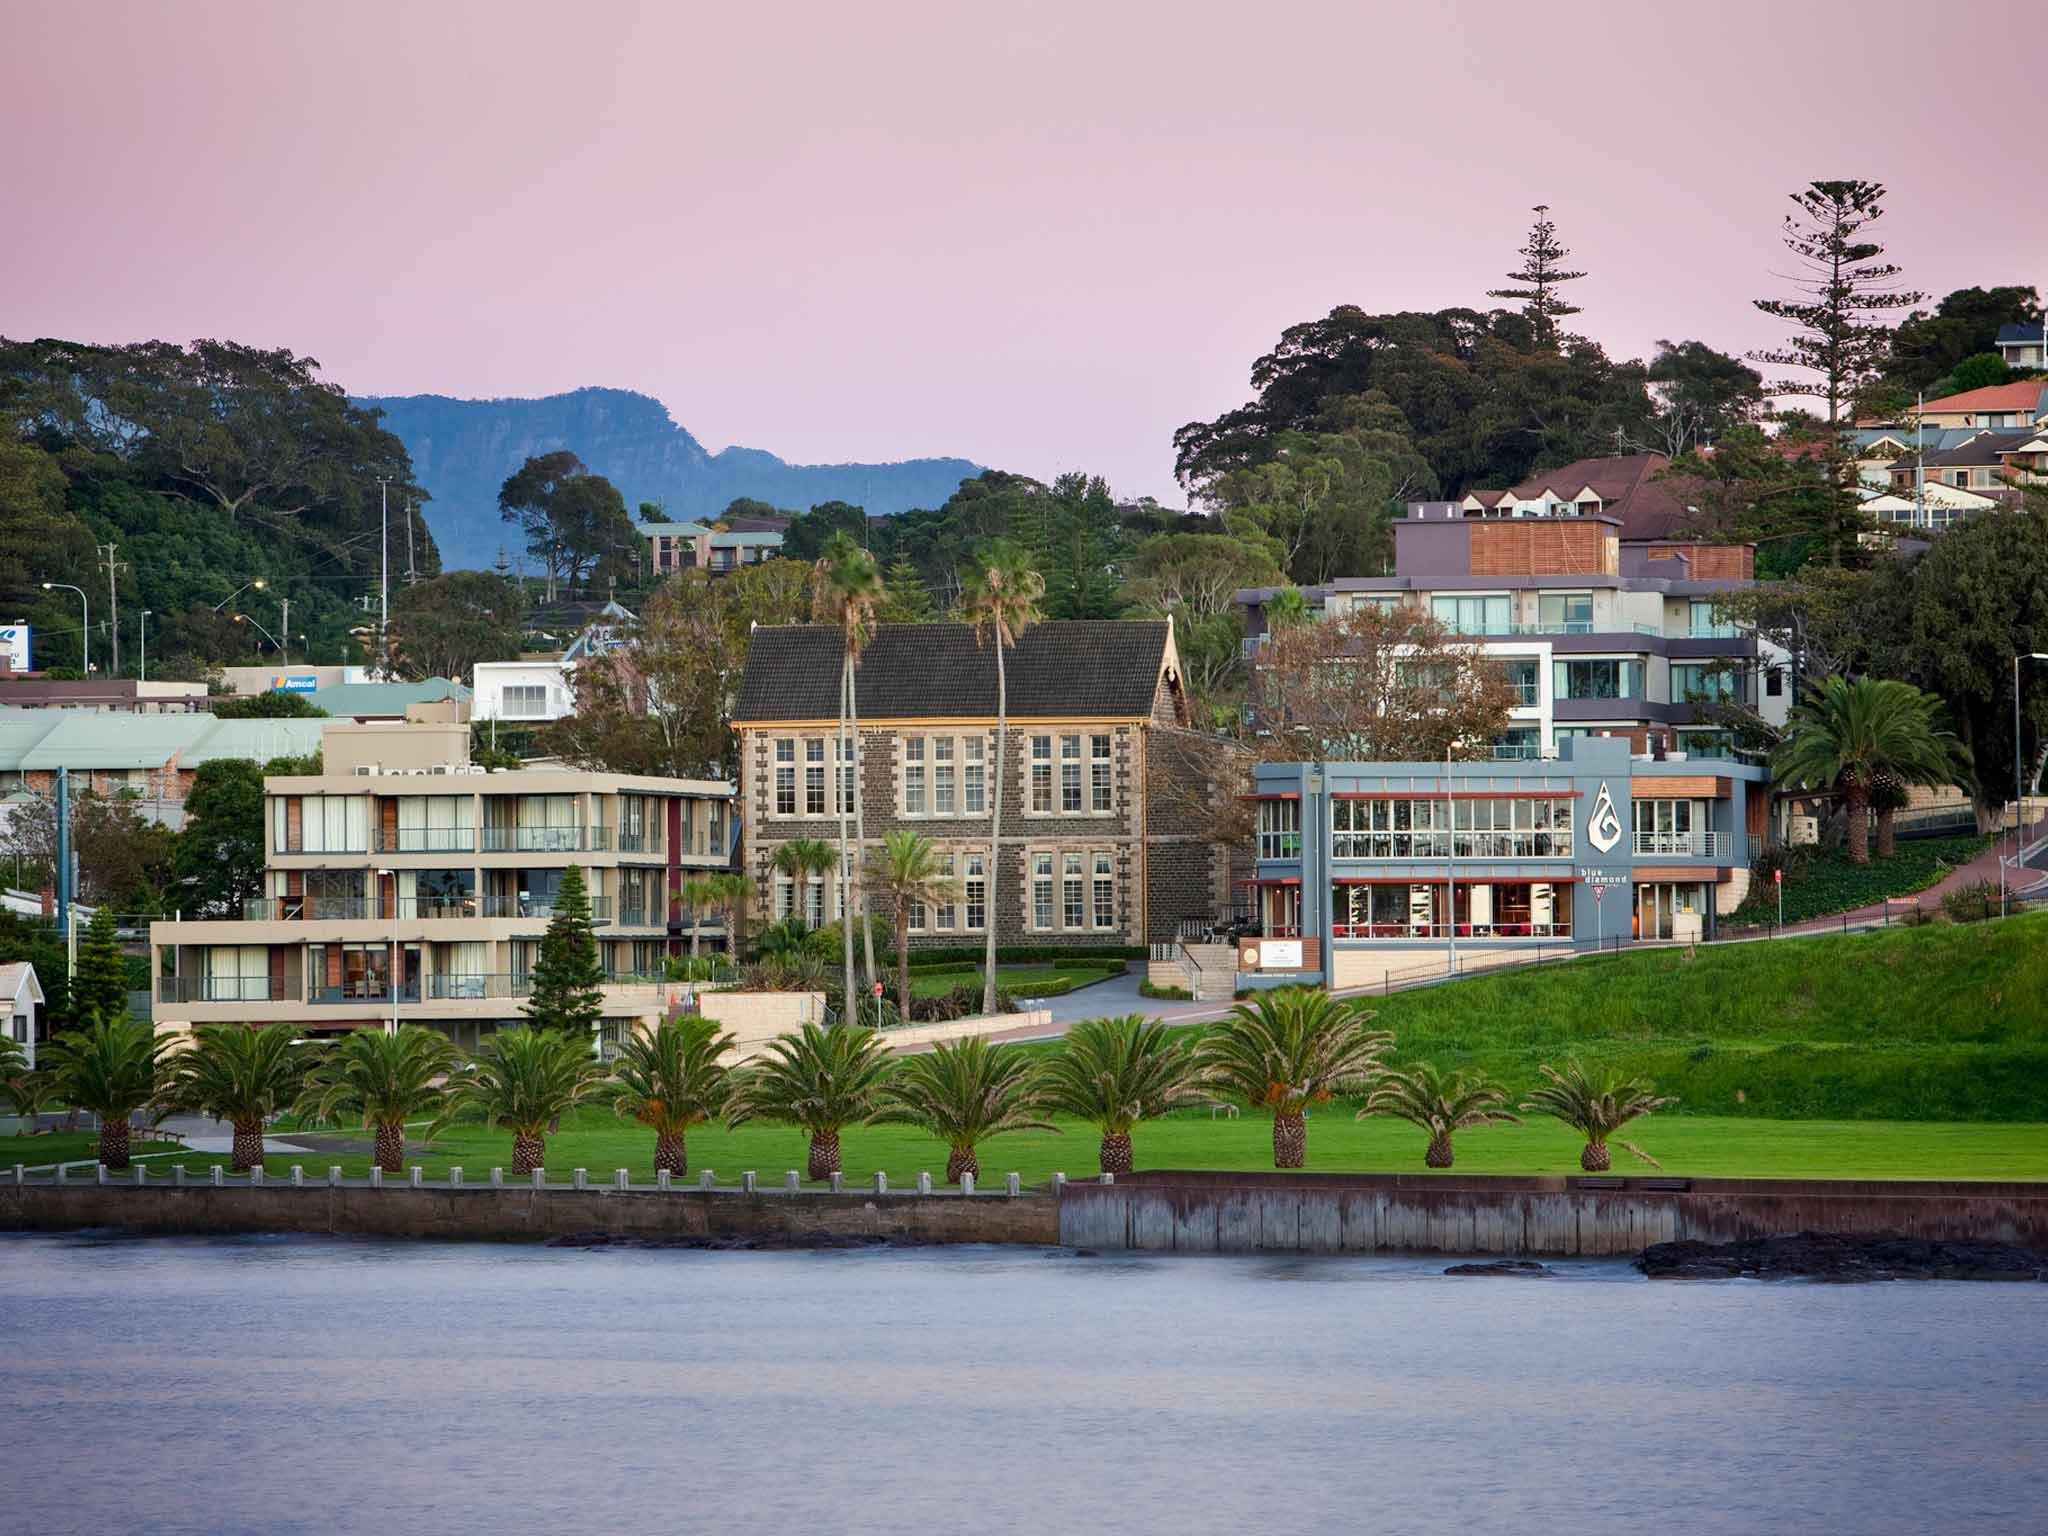 โรงแรม – The Sebel Kiama Harbourside